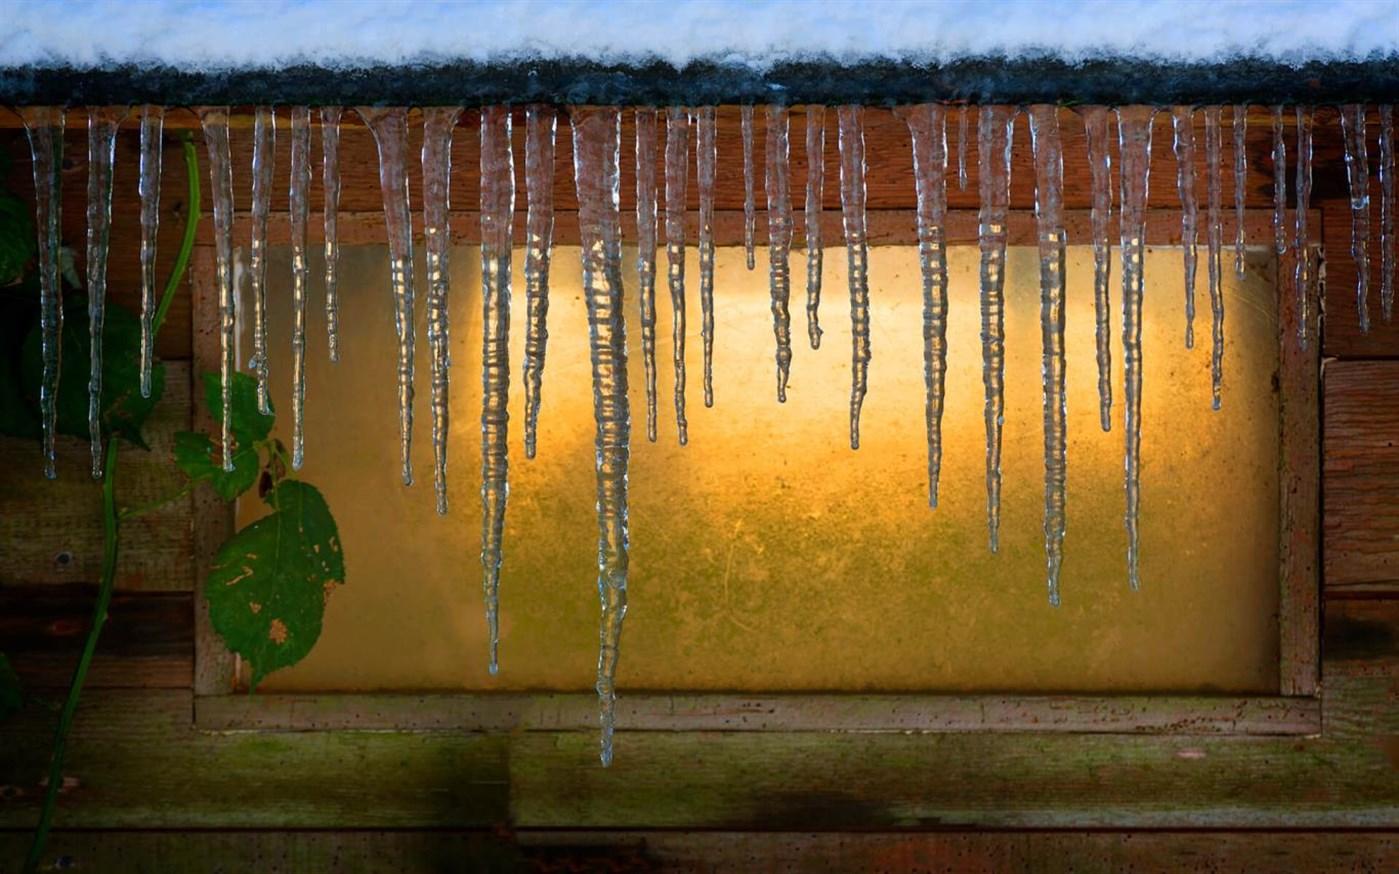 寒冷的早晨:Win10迎来初冬美景免费主题的照片 - 2